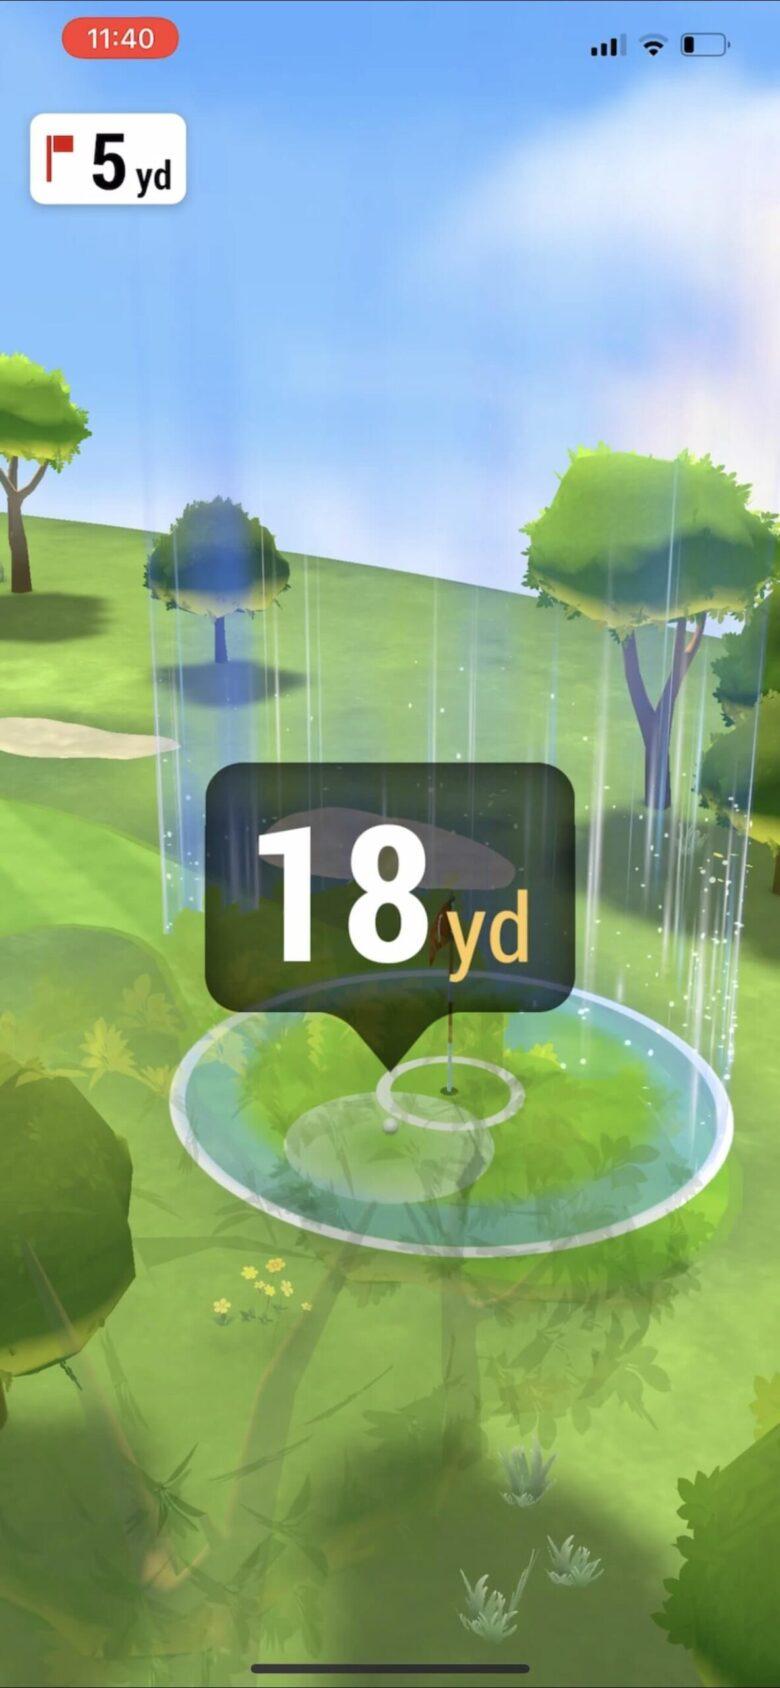 ガーミンApproachR10シミュレーションゴルフ②